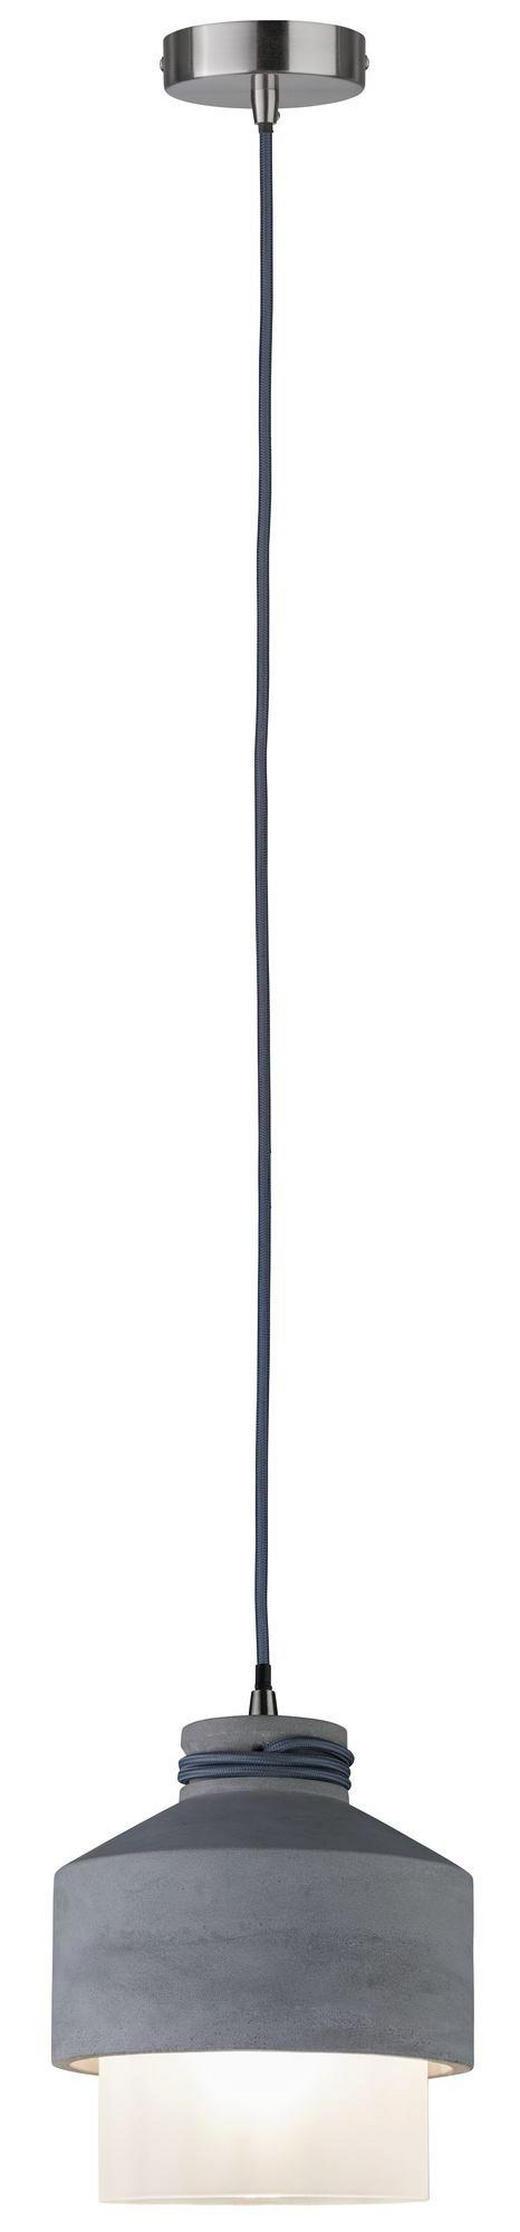 HÄNGELEUCHTE - Grau, Design, Glas/Stein (19/175cm)